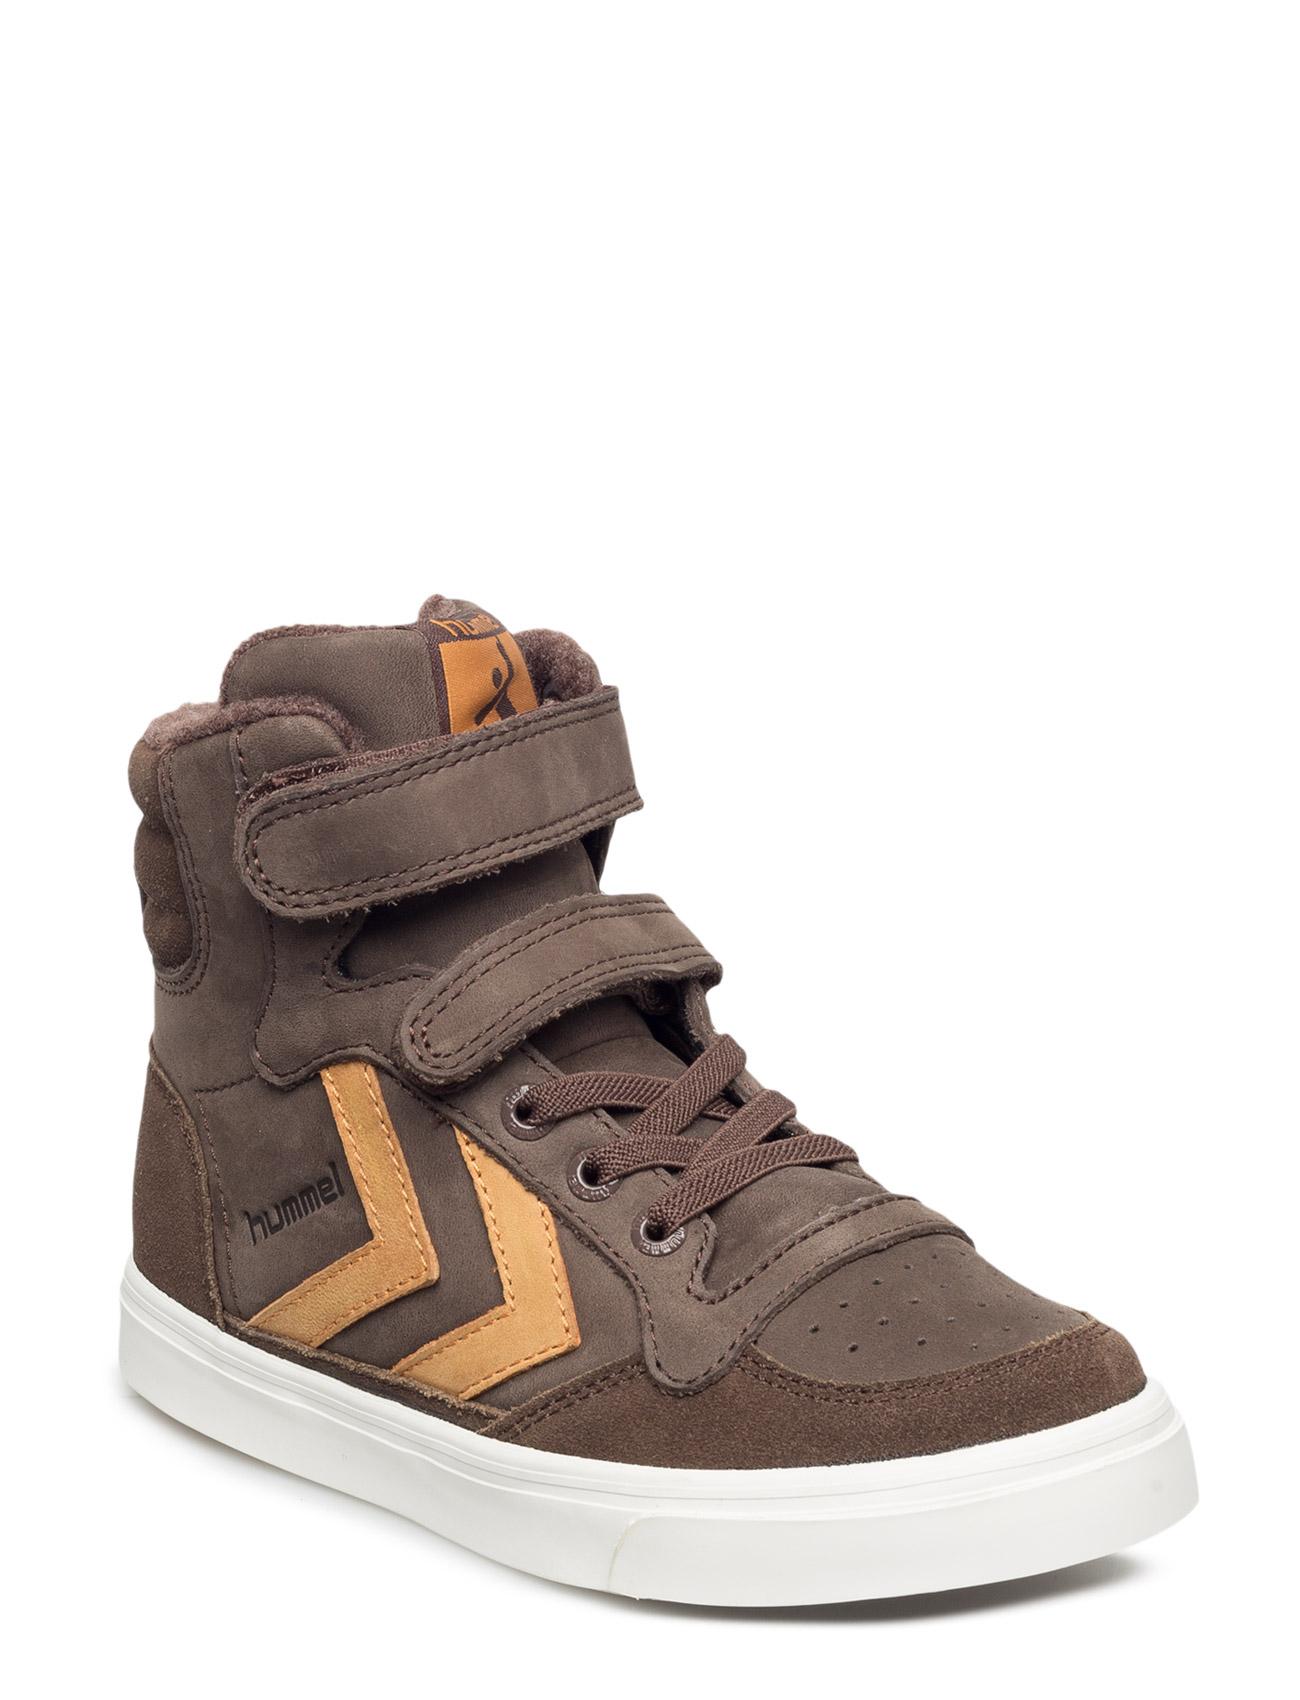 Stadil Oiled High Sneaker Jr Hummel Sko & Sneakers til Børn i kastanje